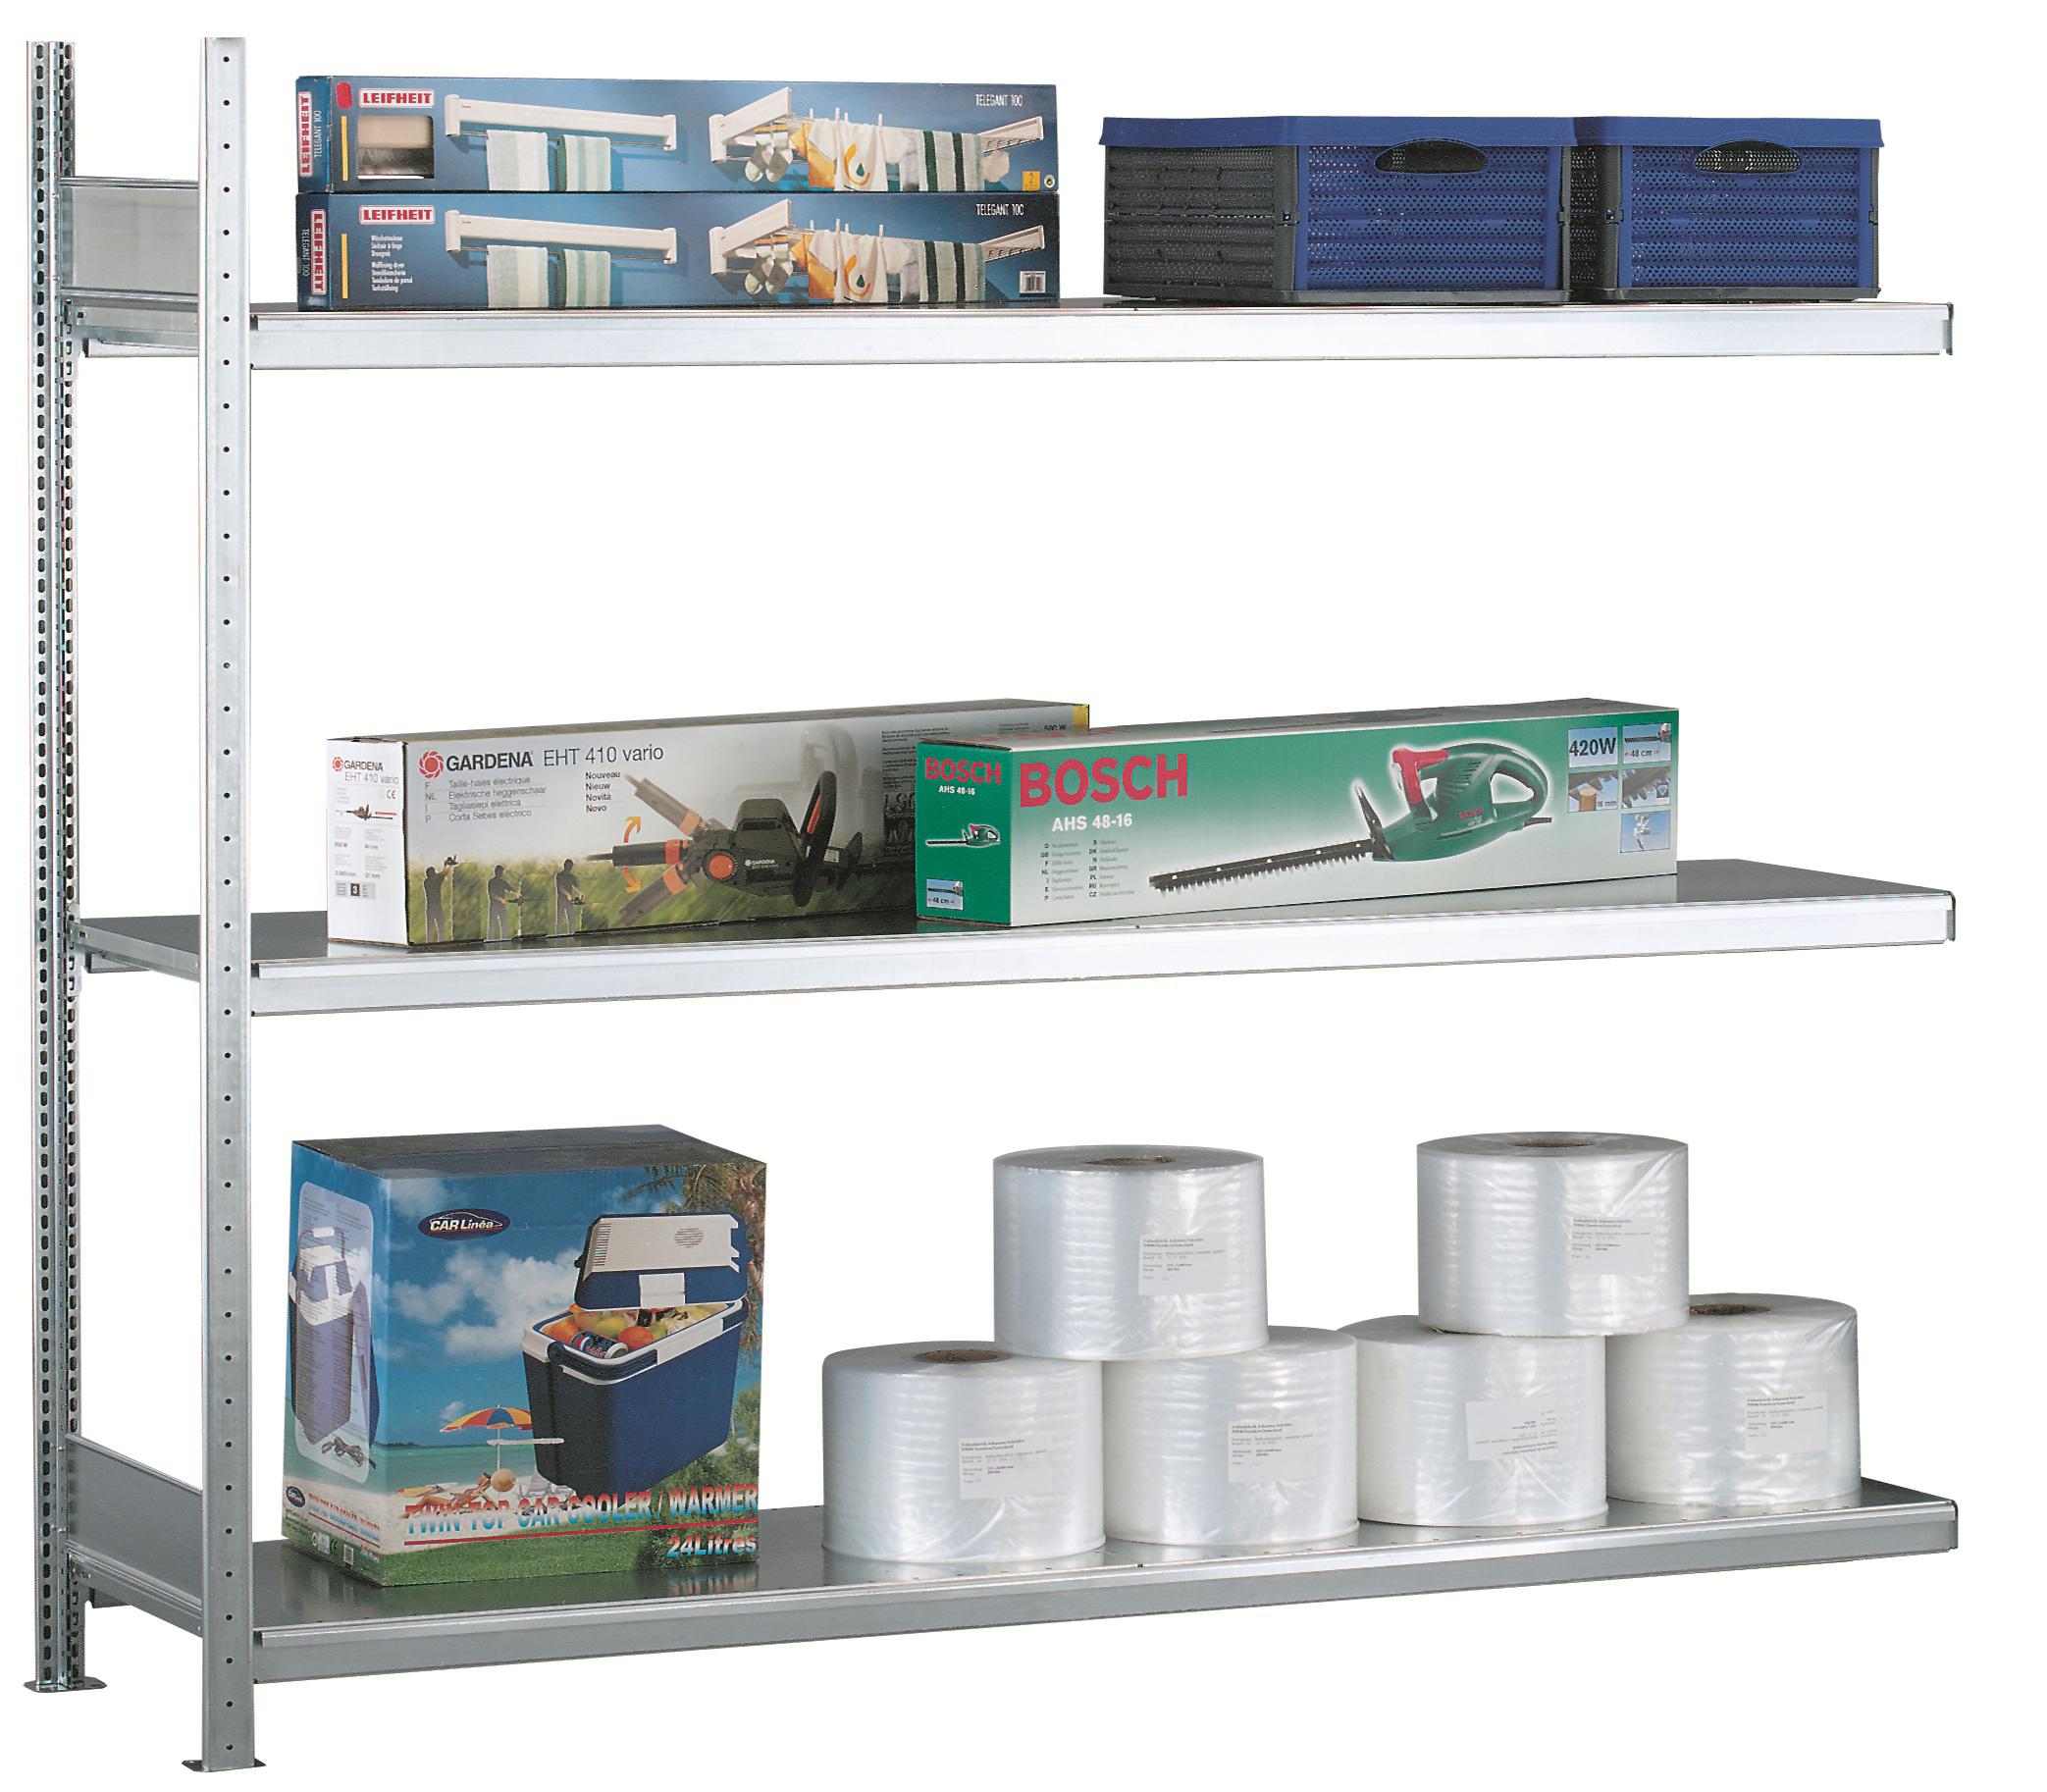 Weitspannregal / Industrieregal - Anbaufeld - leichte Belastung bis 400 kg